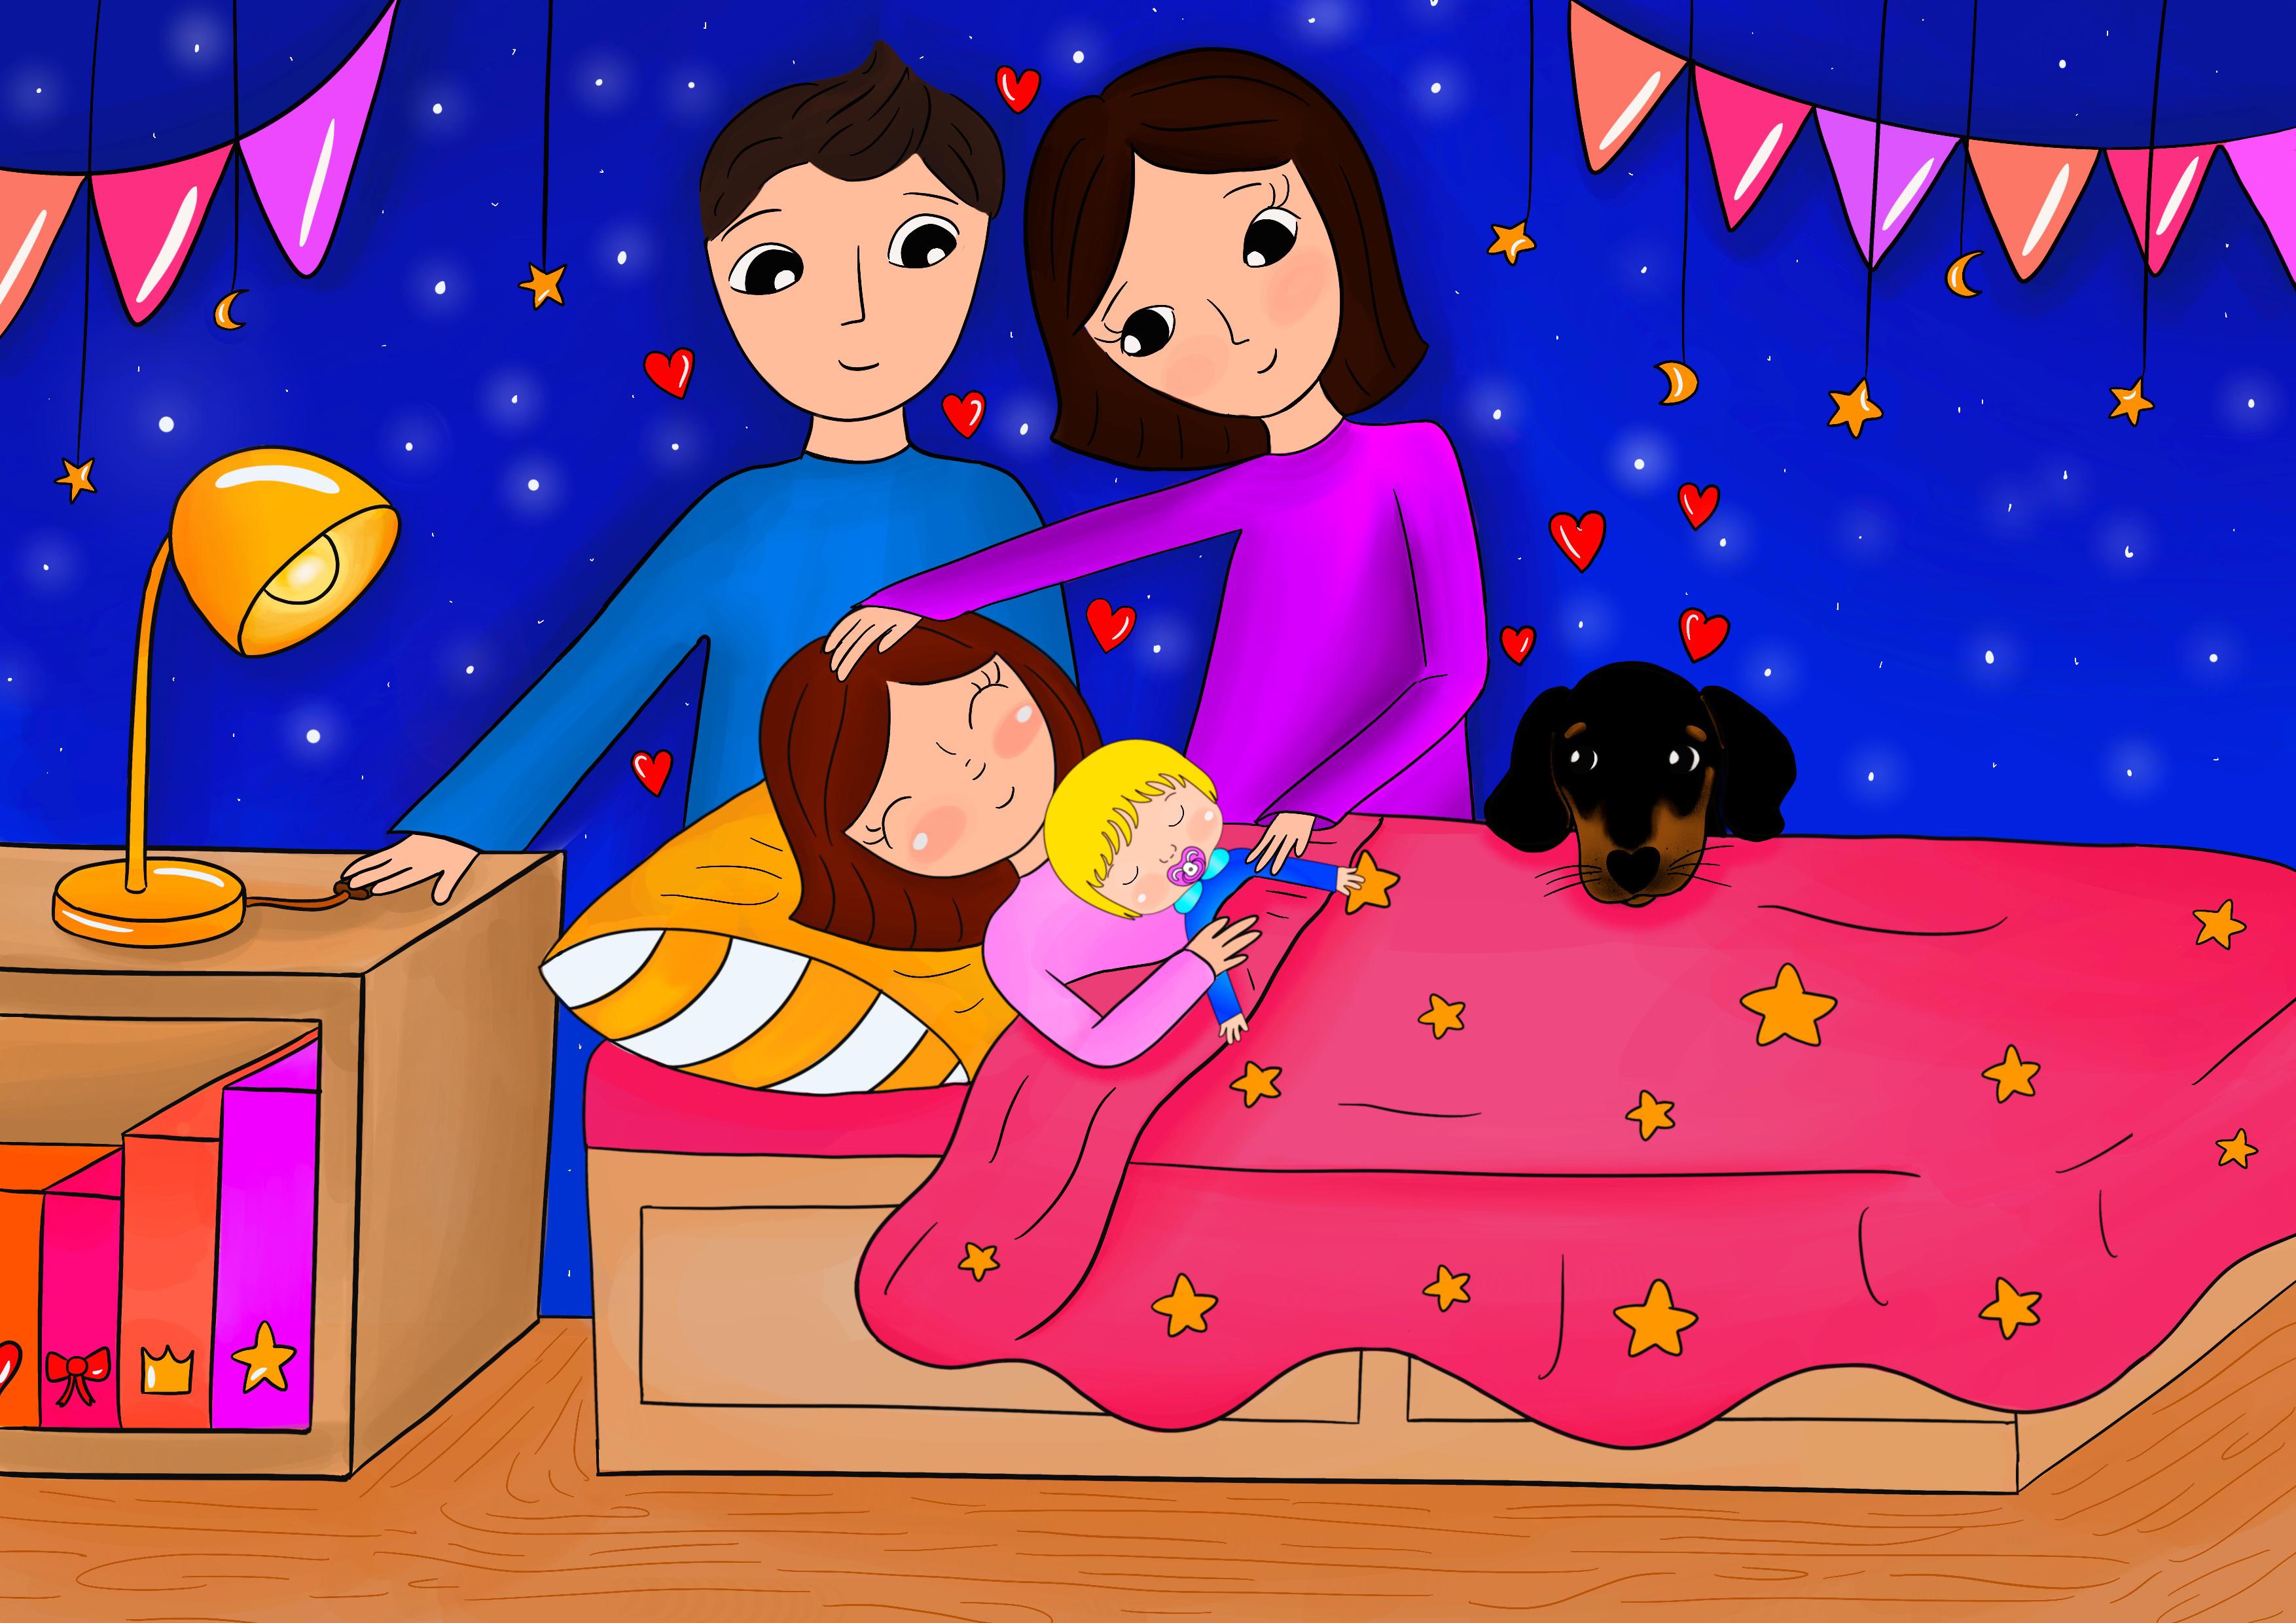 Candito racconta a Cicciobello della buonanotte a Sara con i suoi genitori